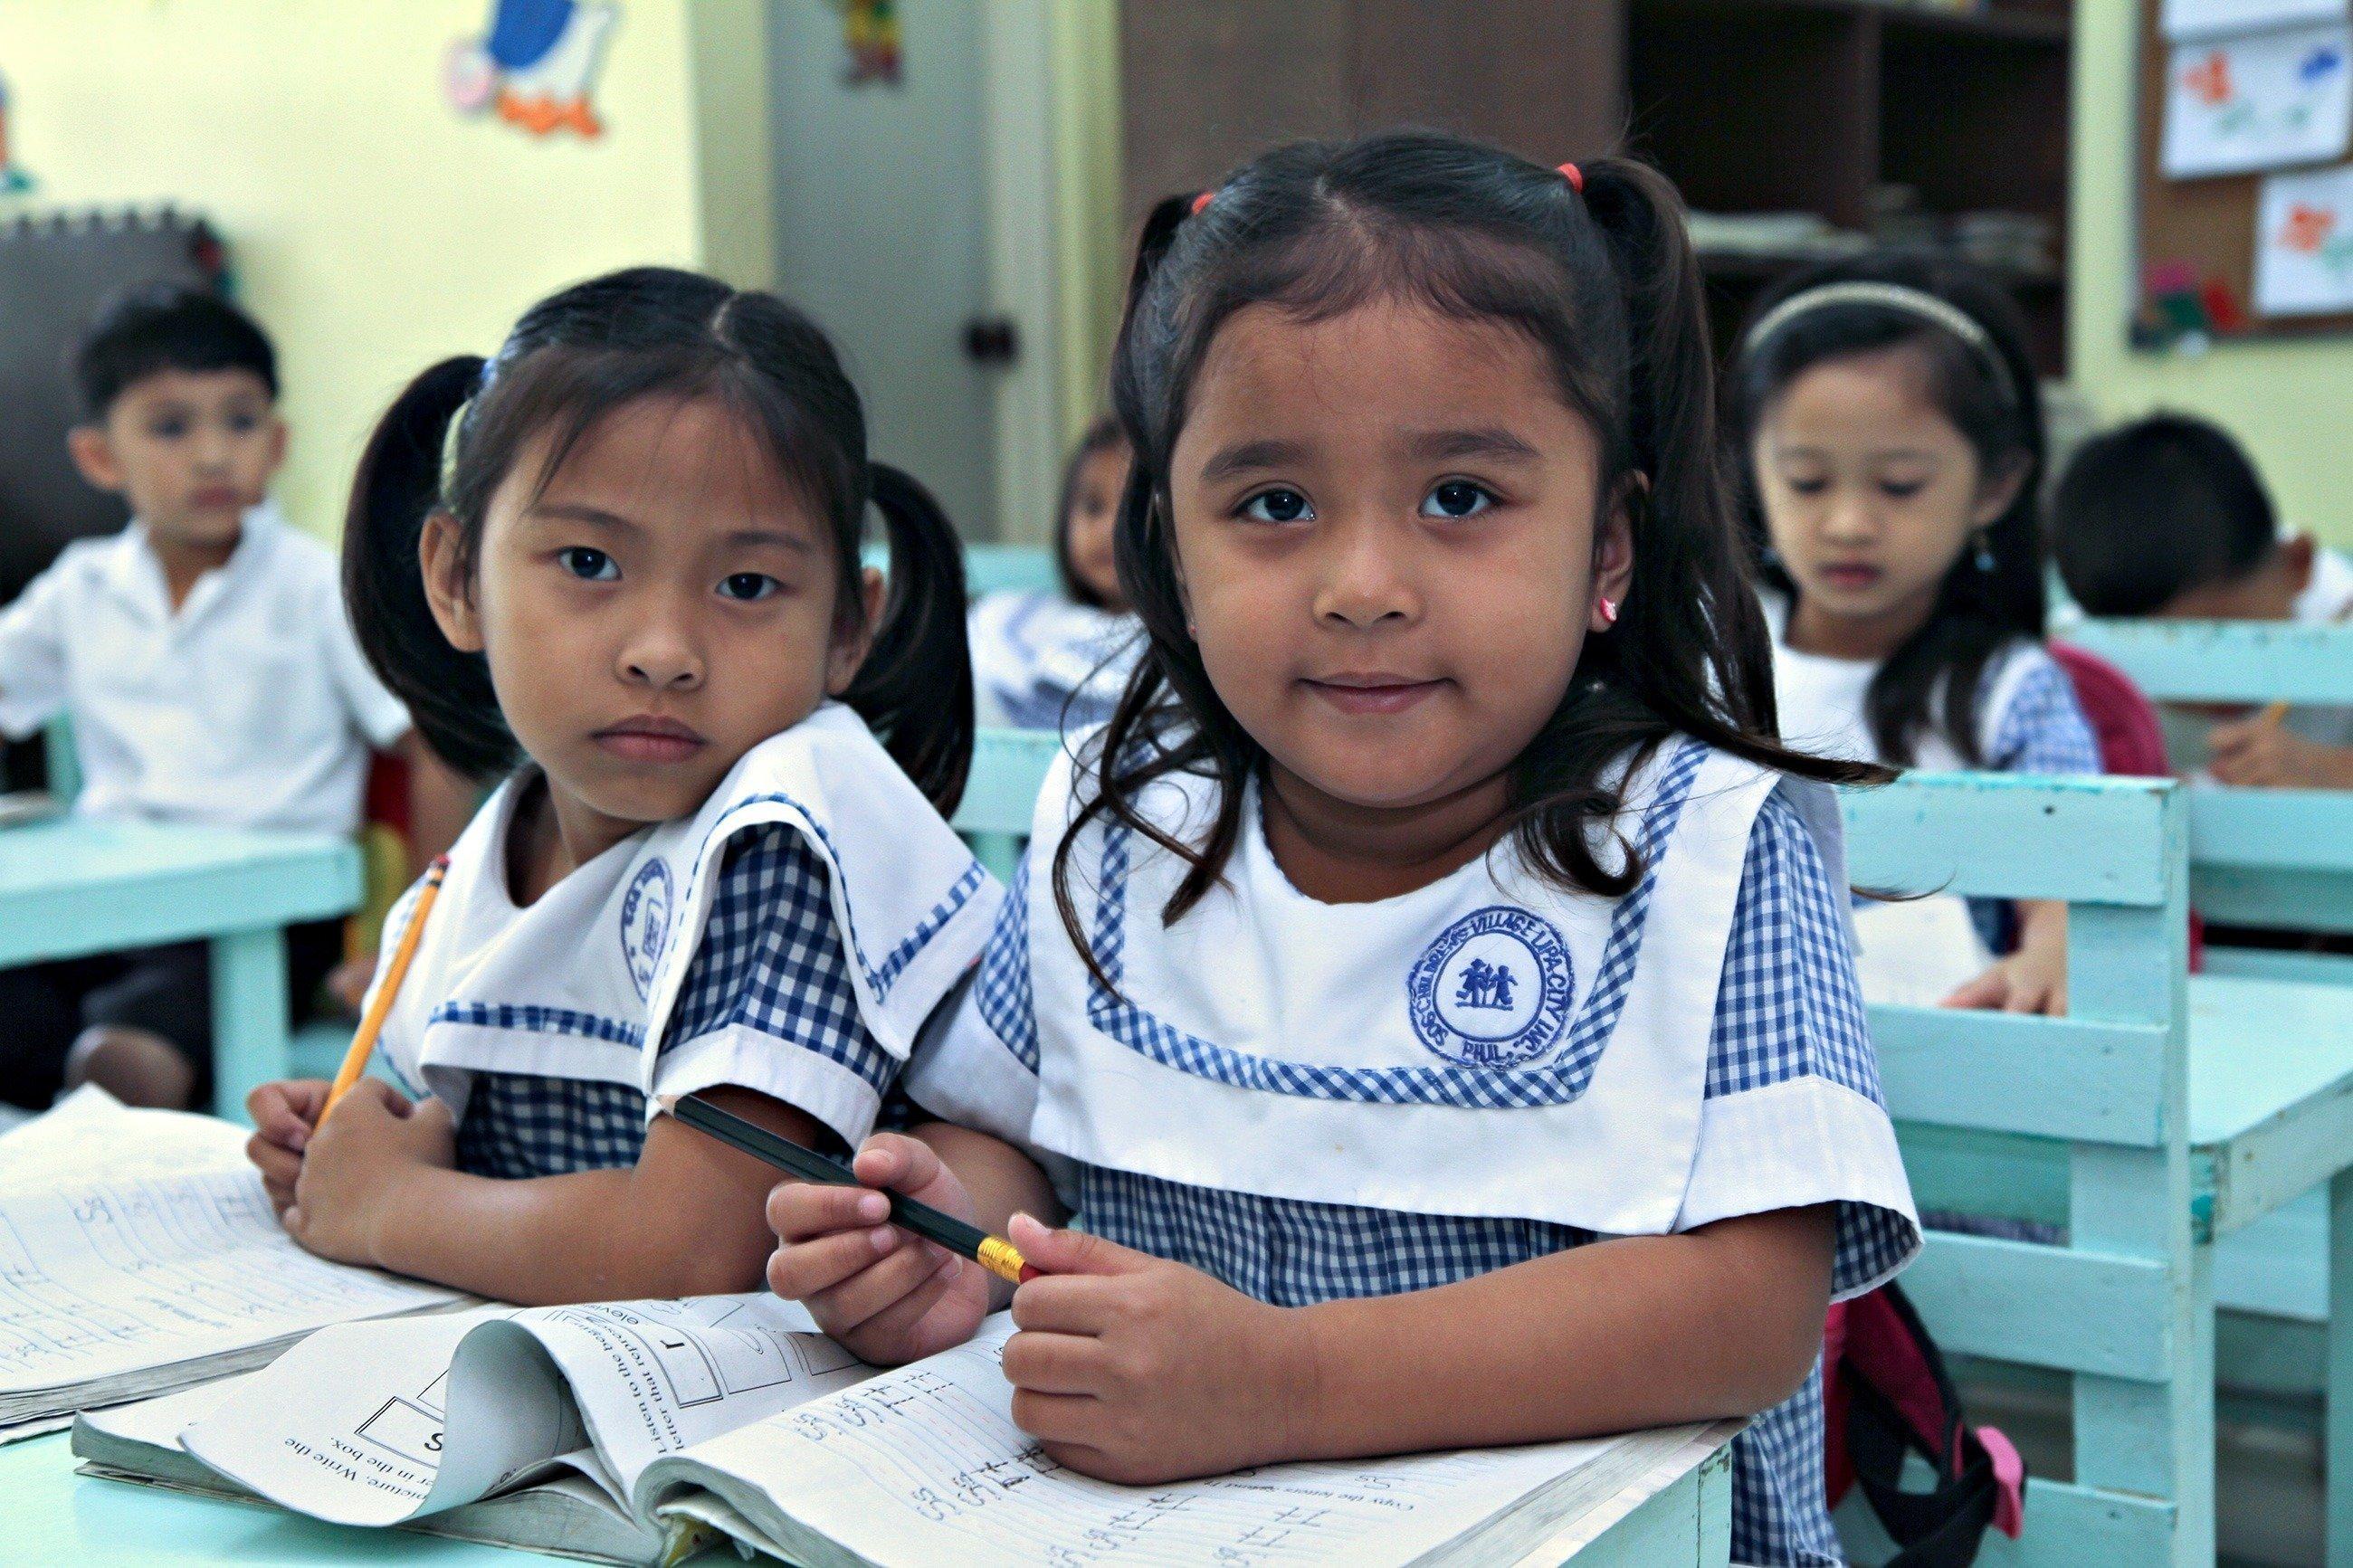 Deux petites filles à l'école.